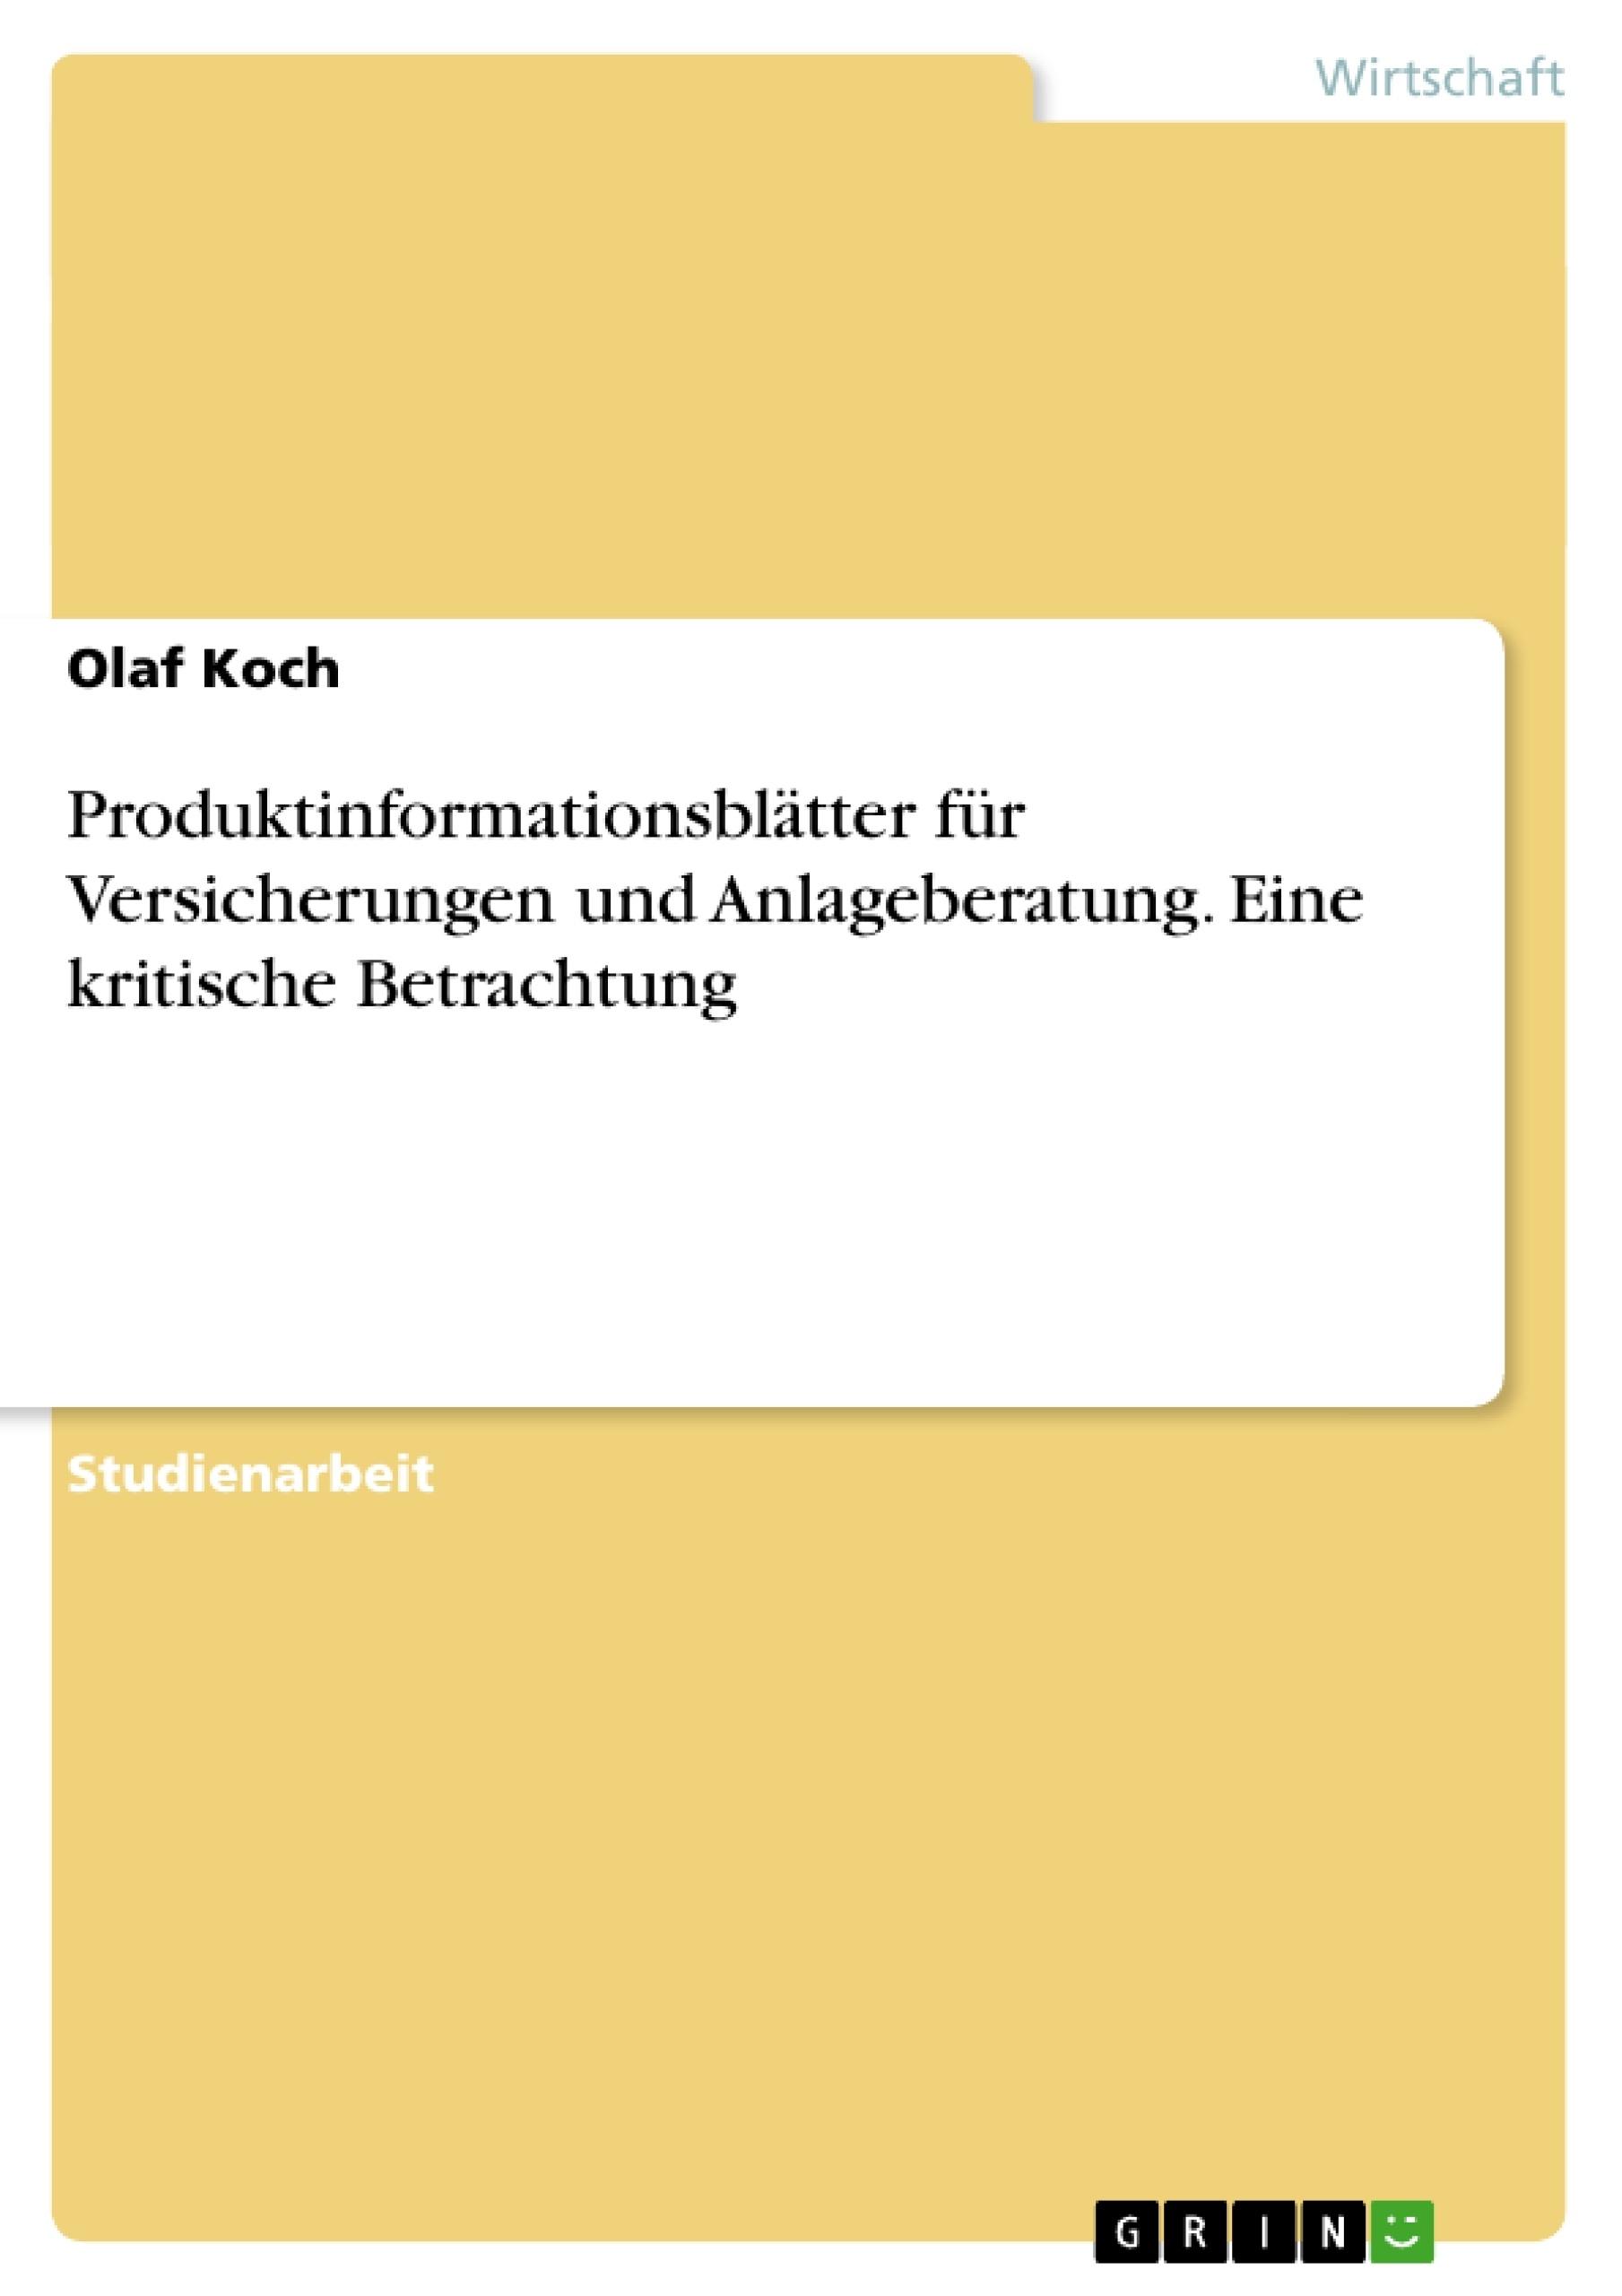 Titel: Produktinformationsblätter für Versicherungen und Anlageberatung. Eine kritische Betrachtung